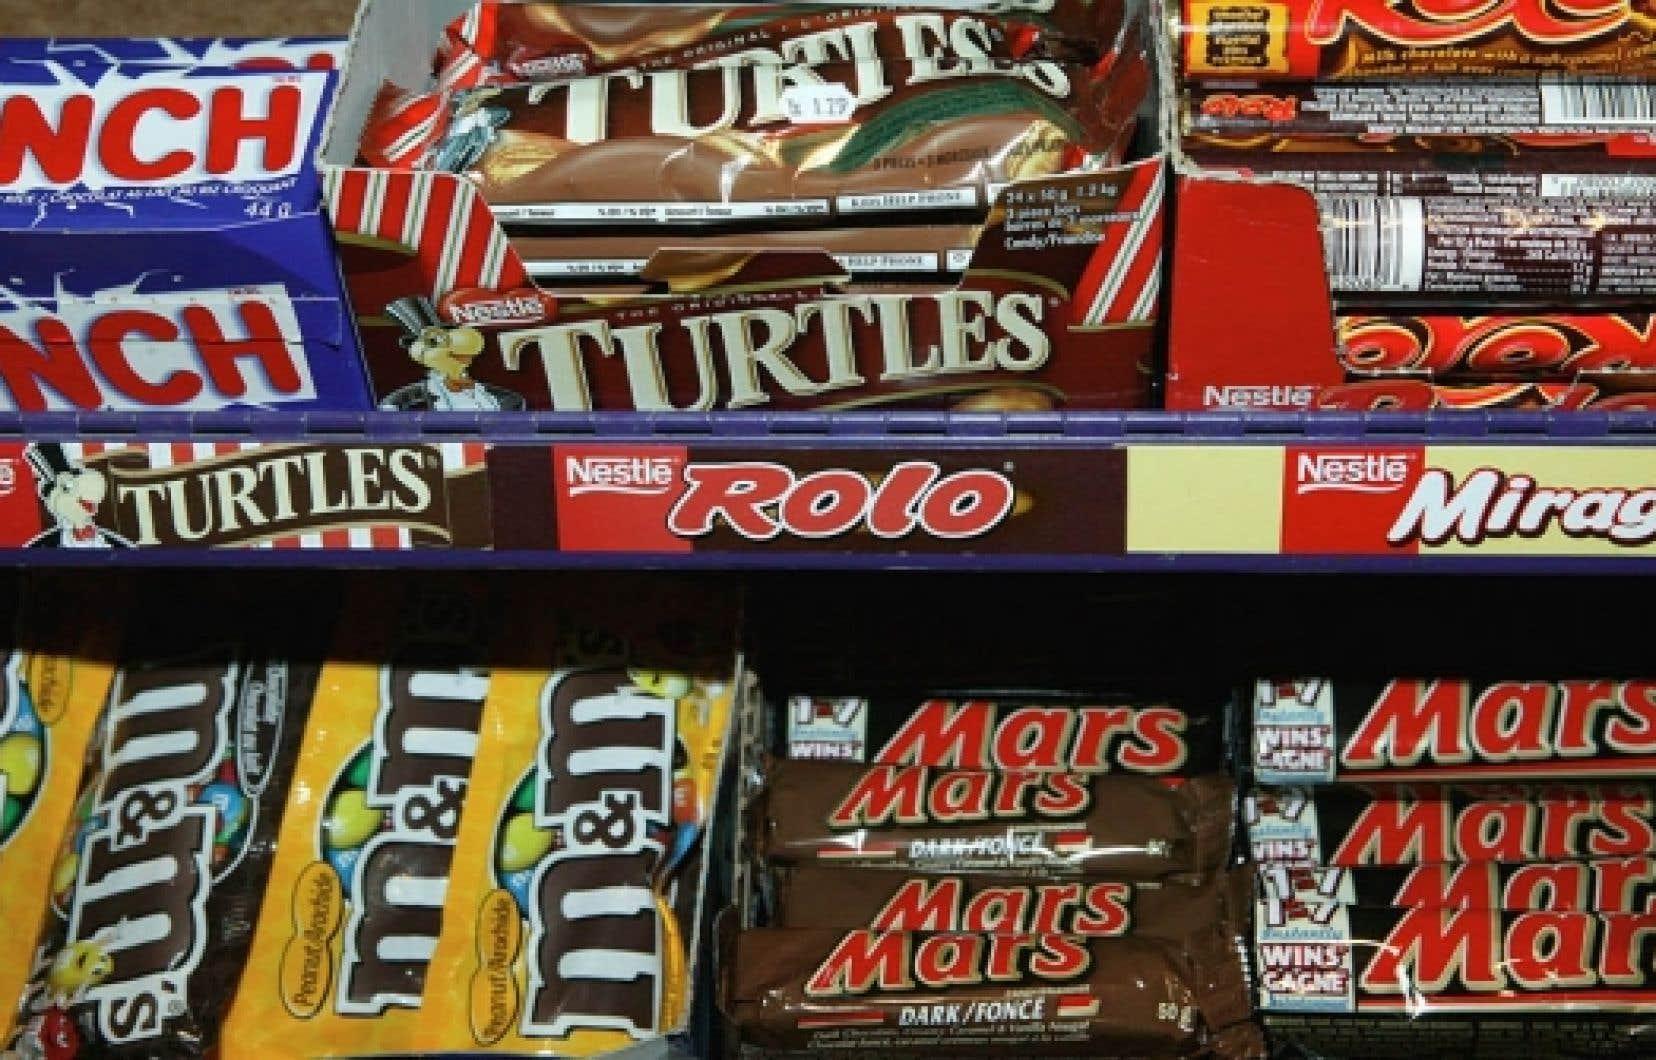 Dans les trois dernières années, Nestlé a plus que doublé sa consommation d'huile de palme, qui entre dans la confection de plusieurs barres de chocolat comme substitut aux huiles végétales partiellement hydrogénées à l'origine de la formation des gras trans.